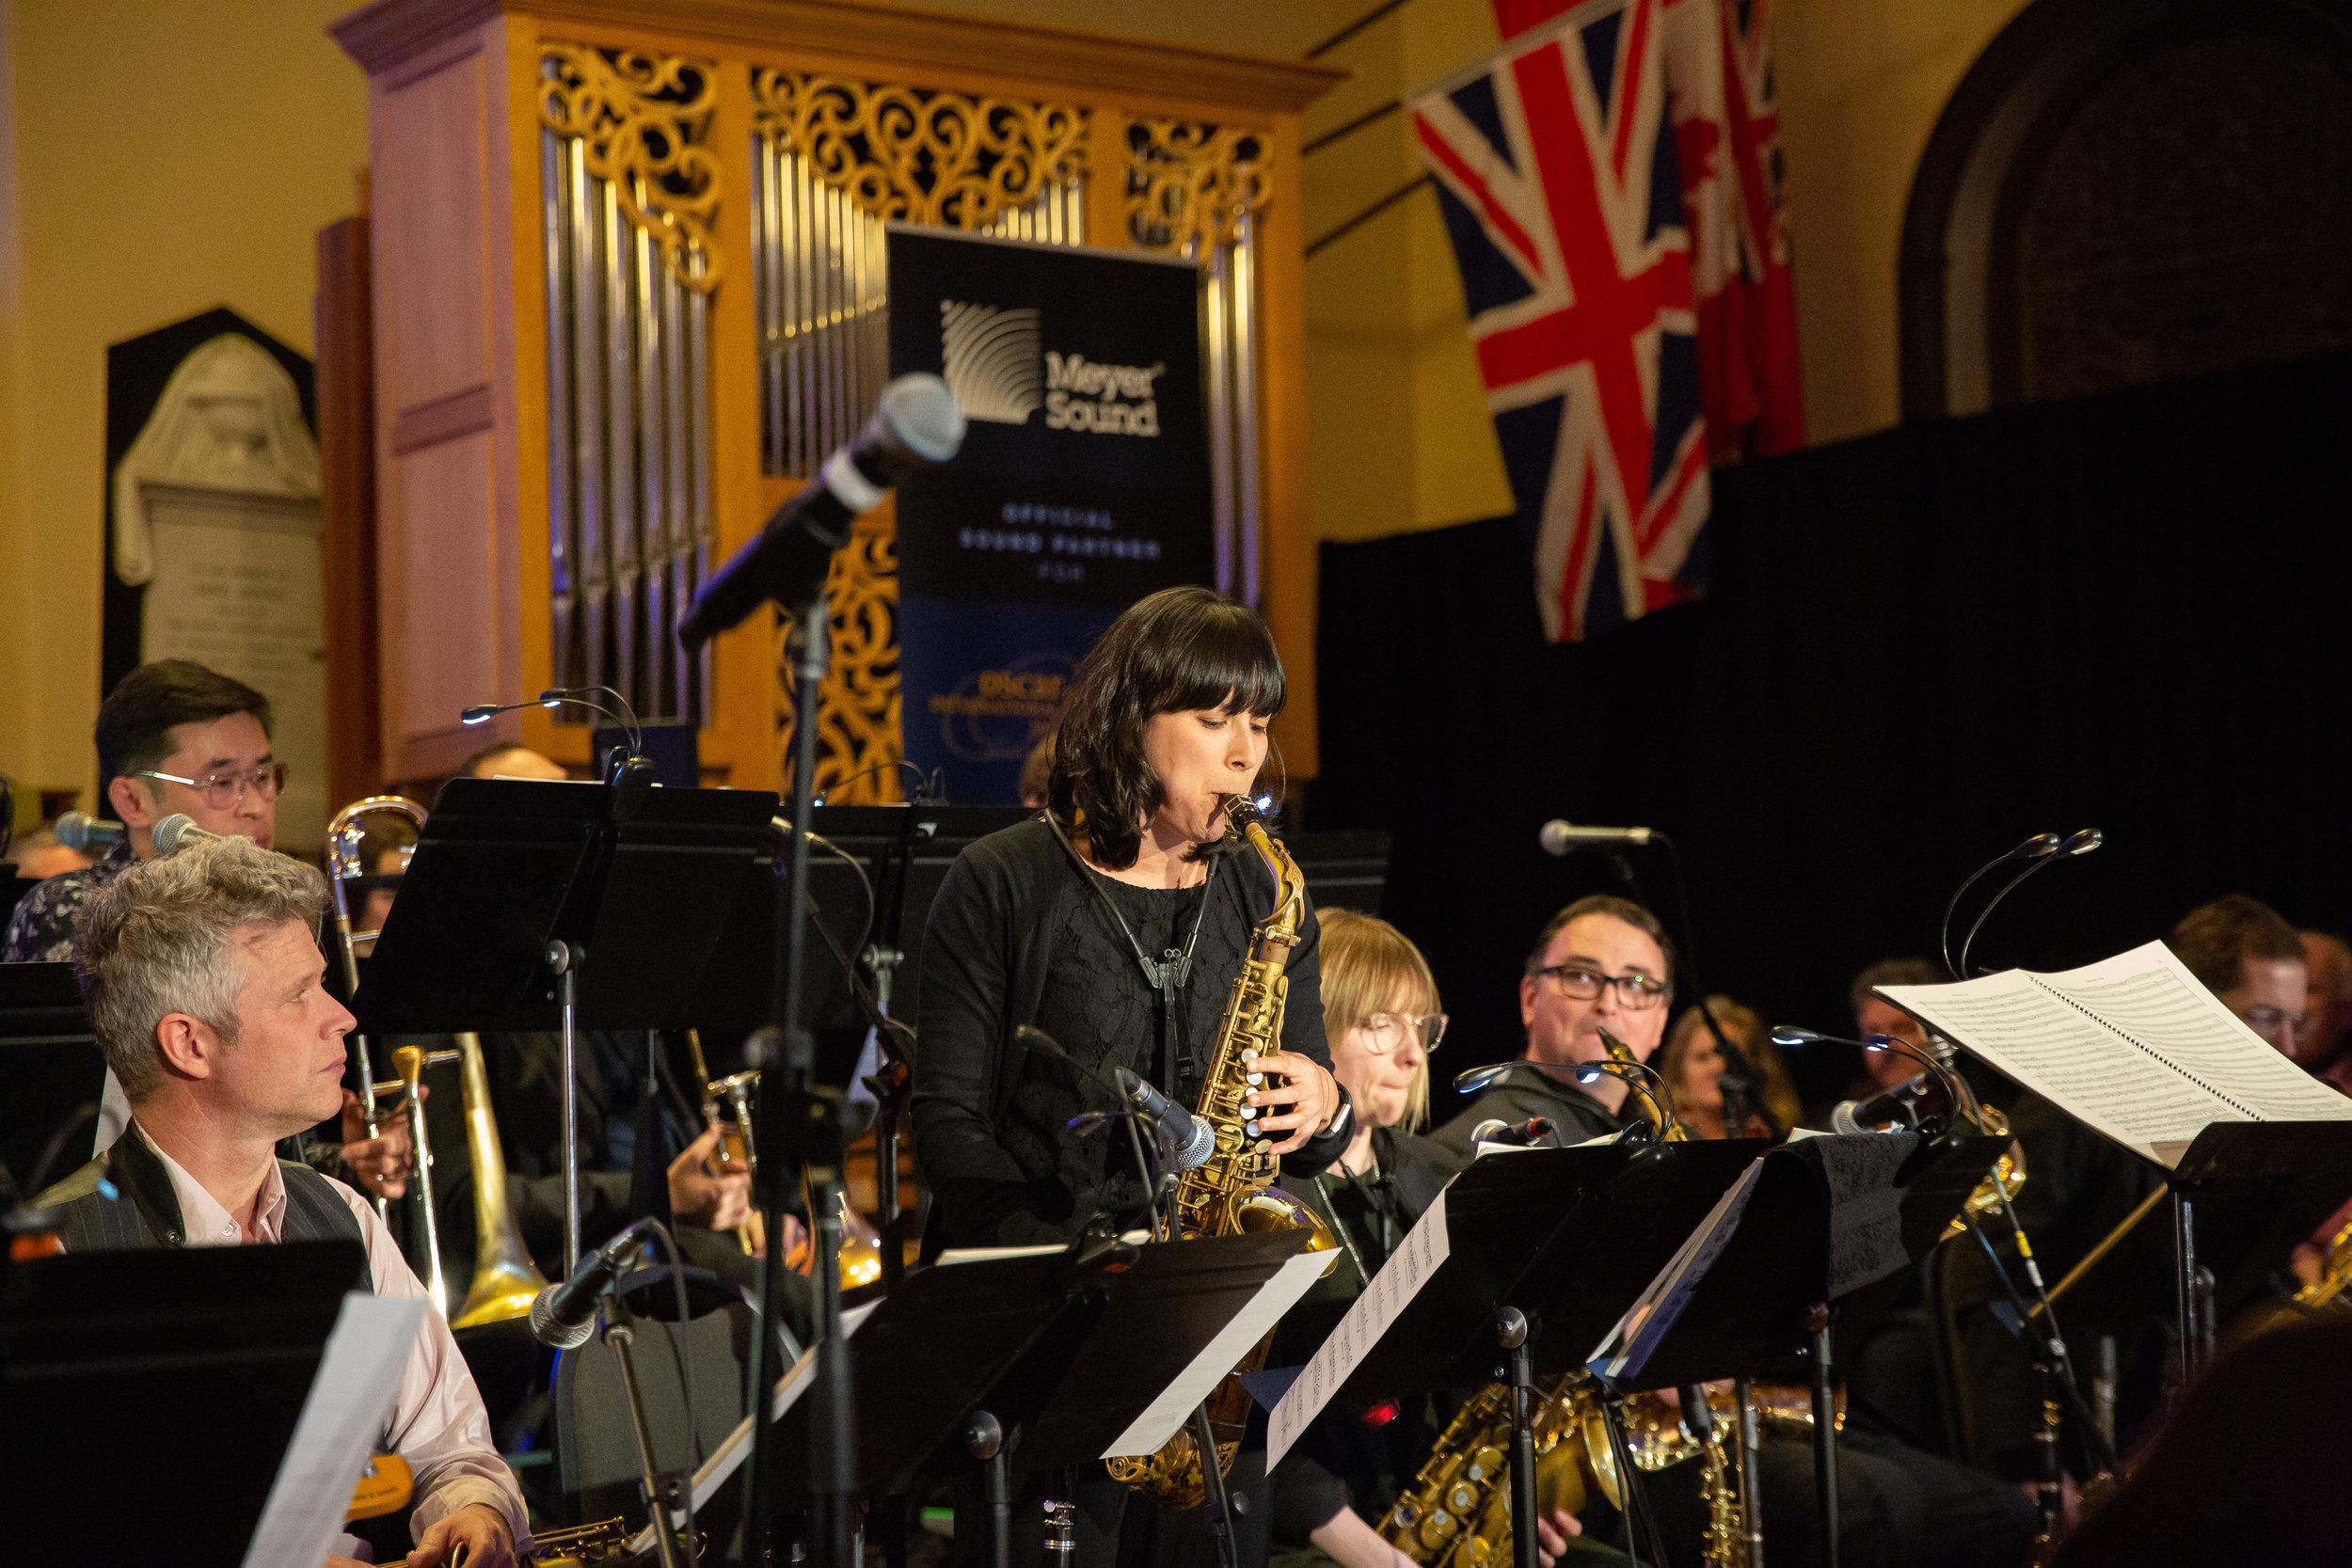 Oscar Peterson Jazz Fest 2019 (C) Alex Heidbuechel-6243.jpg